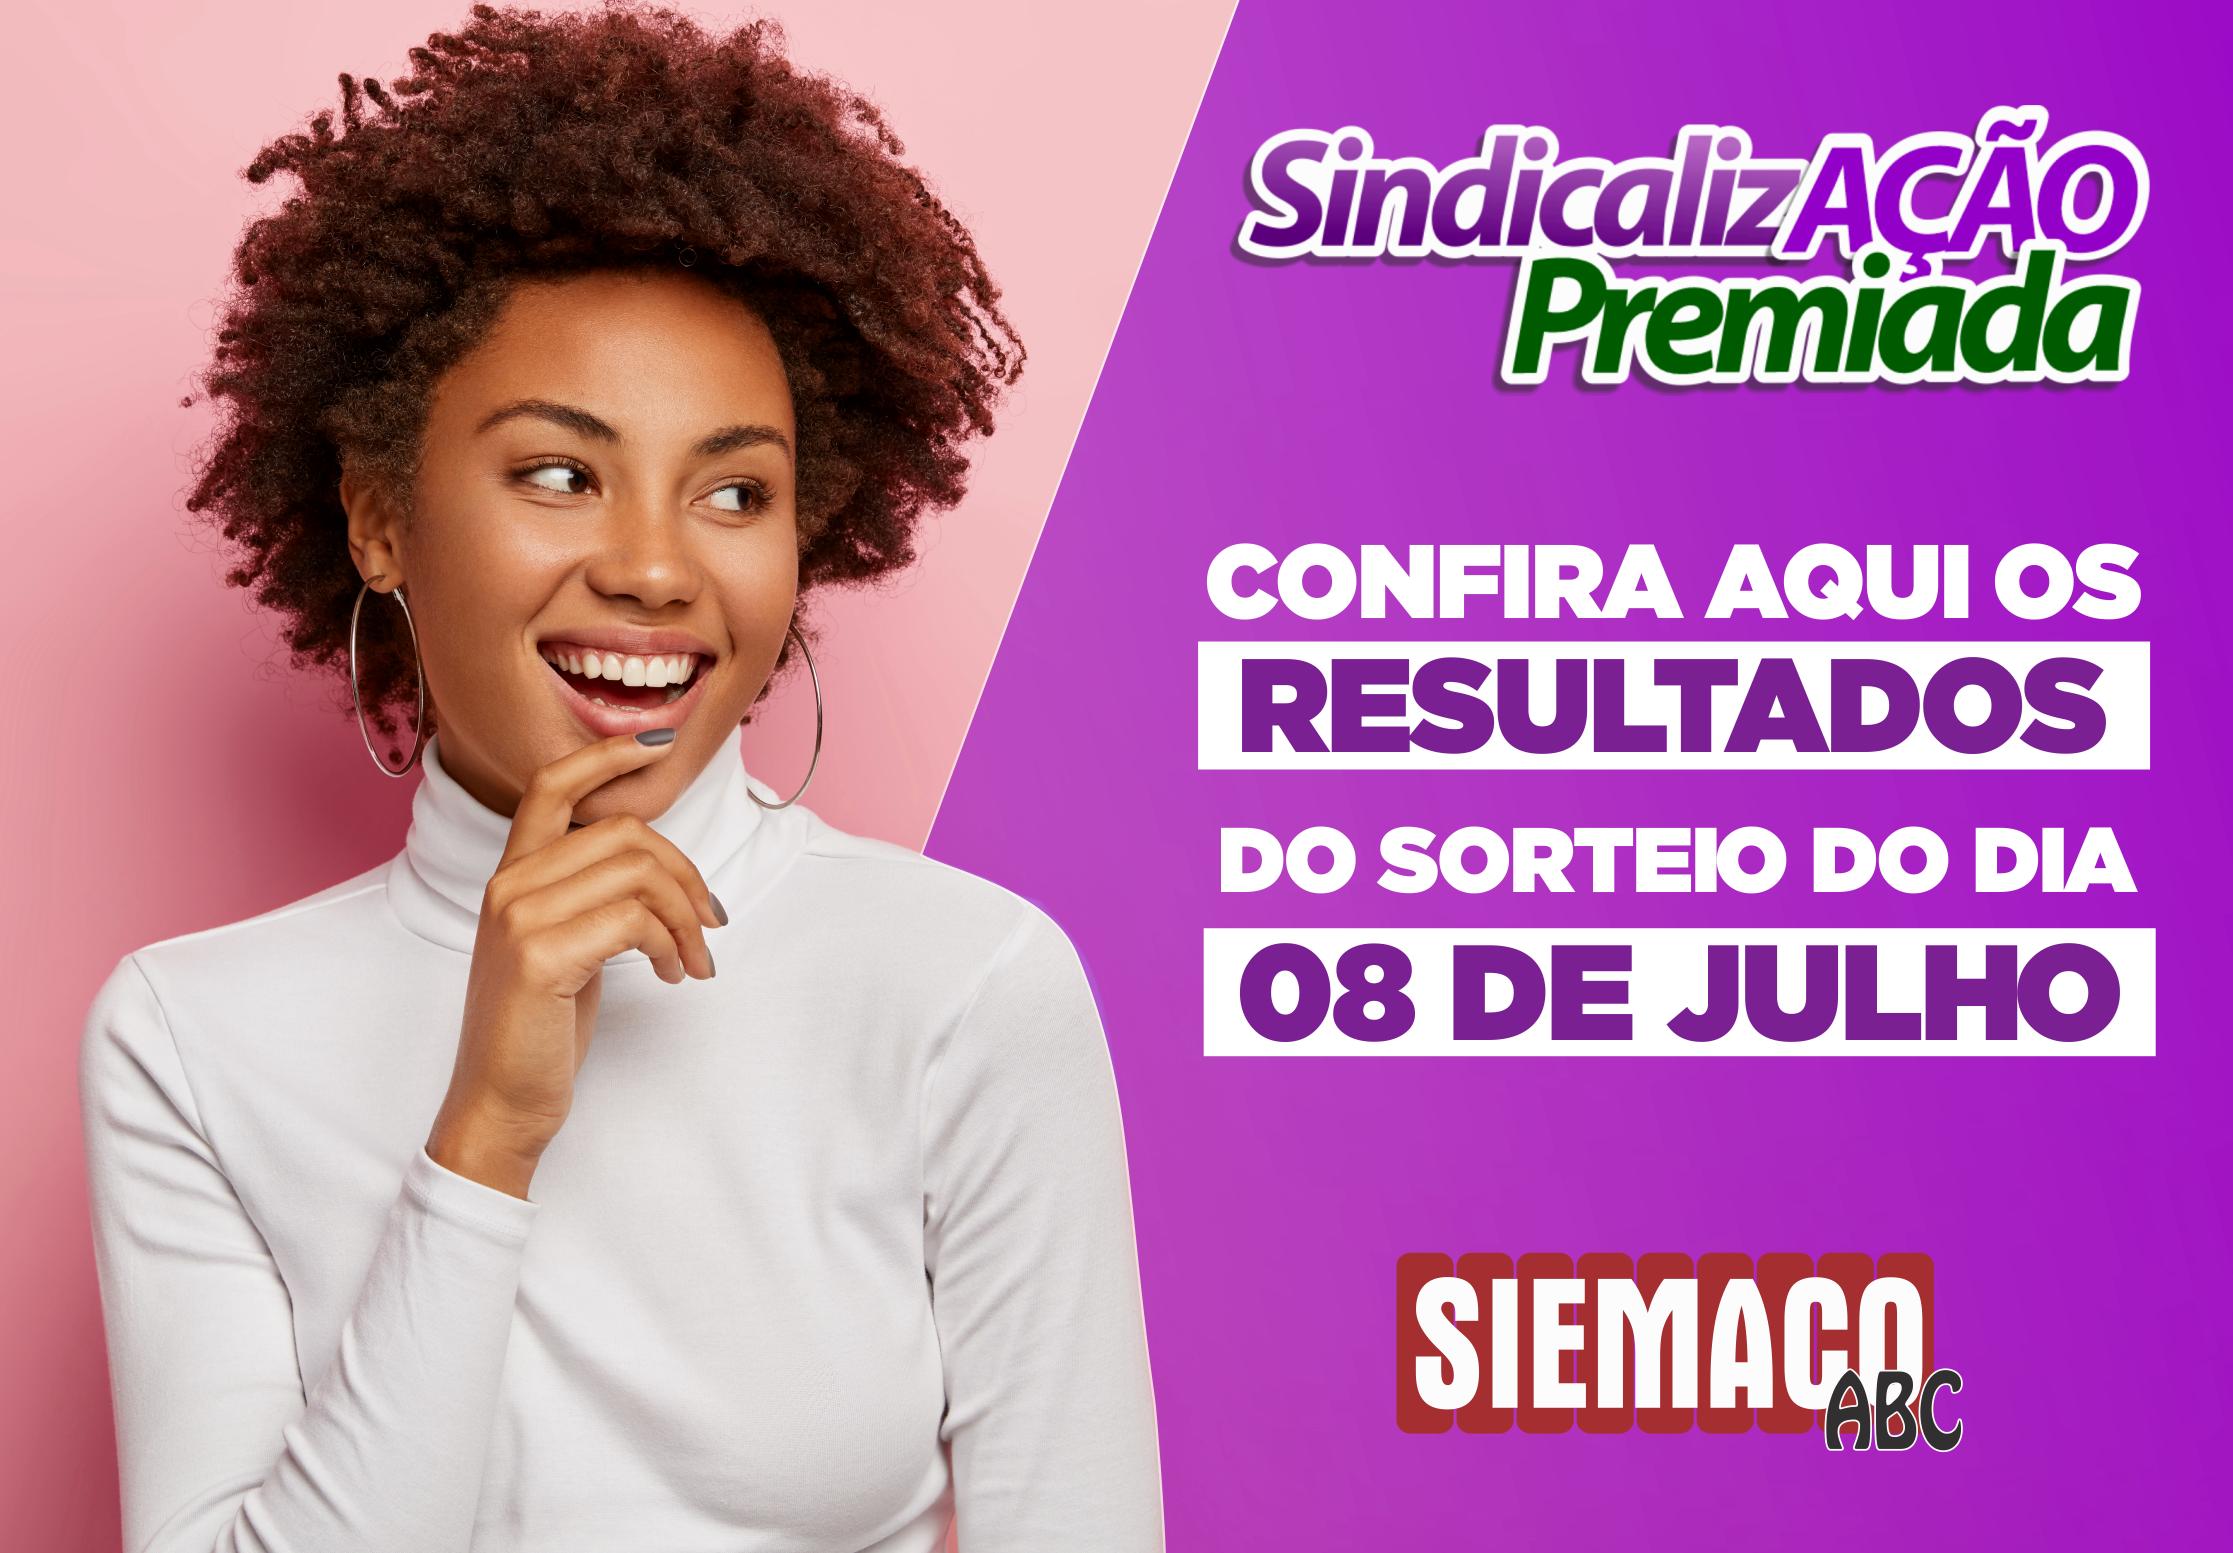 SindicalizAÇÃO Premiada: Resultado do sorteio do dia 08 de julho